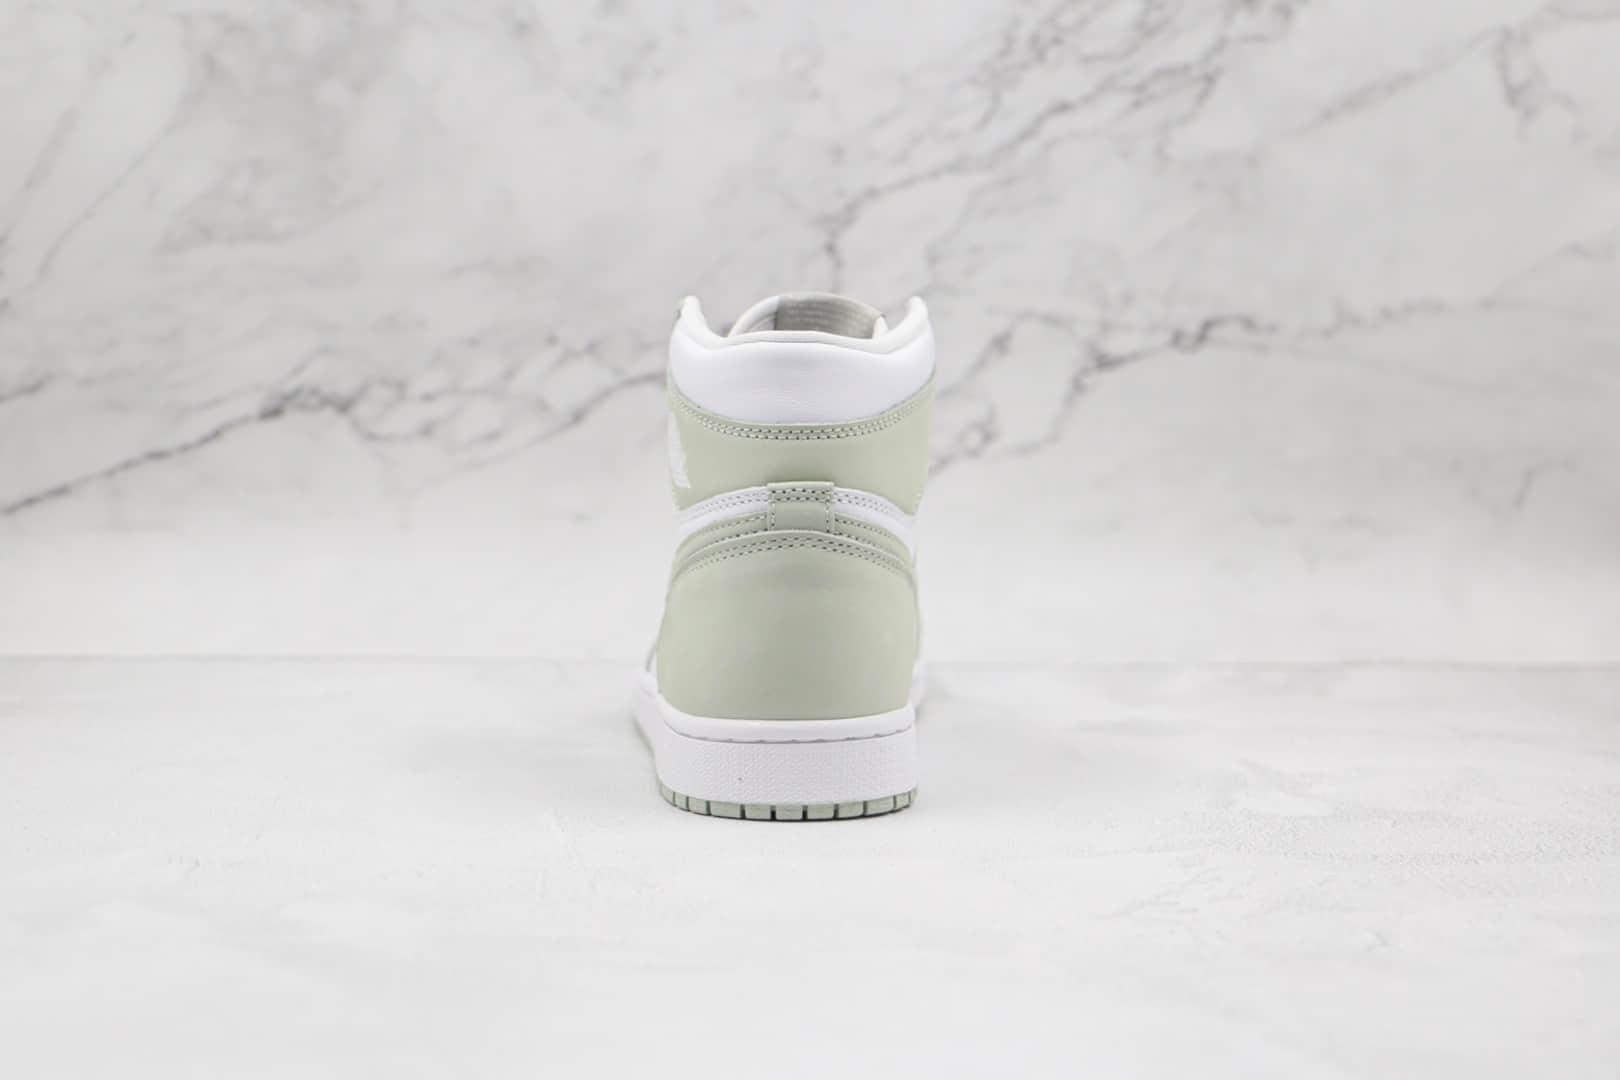 乔丹Air Jordan 1 High OG Seafoam纯原版本高帮AJ1抹茶薄荷绿板鞋原档案数据开发 货号:CD0461-002